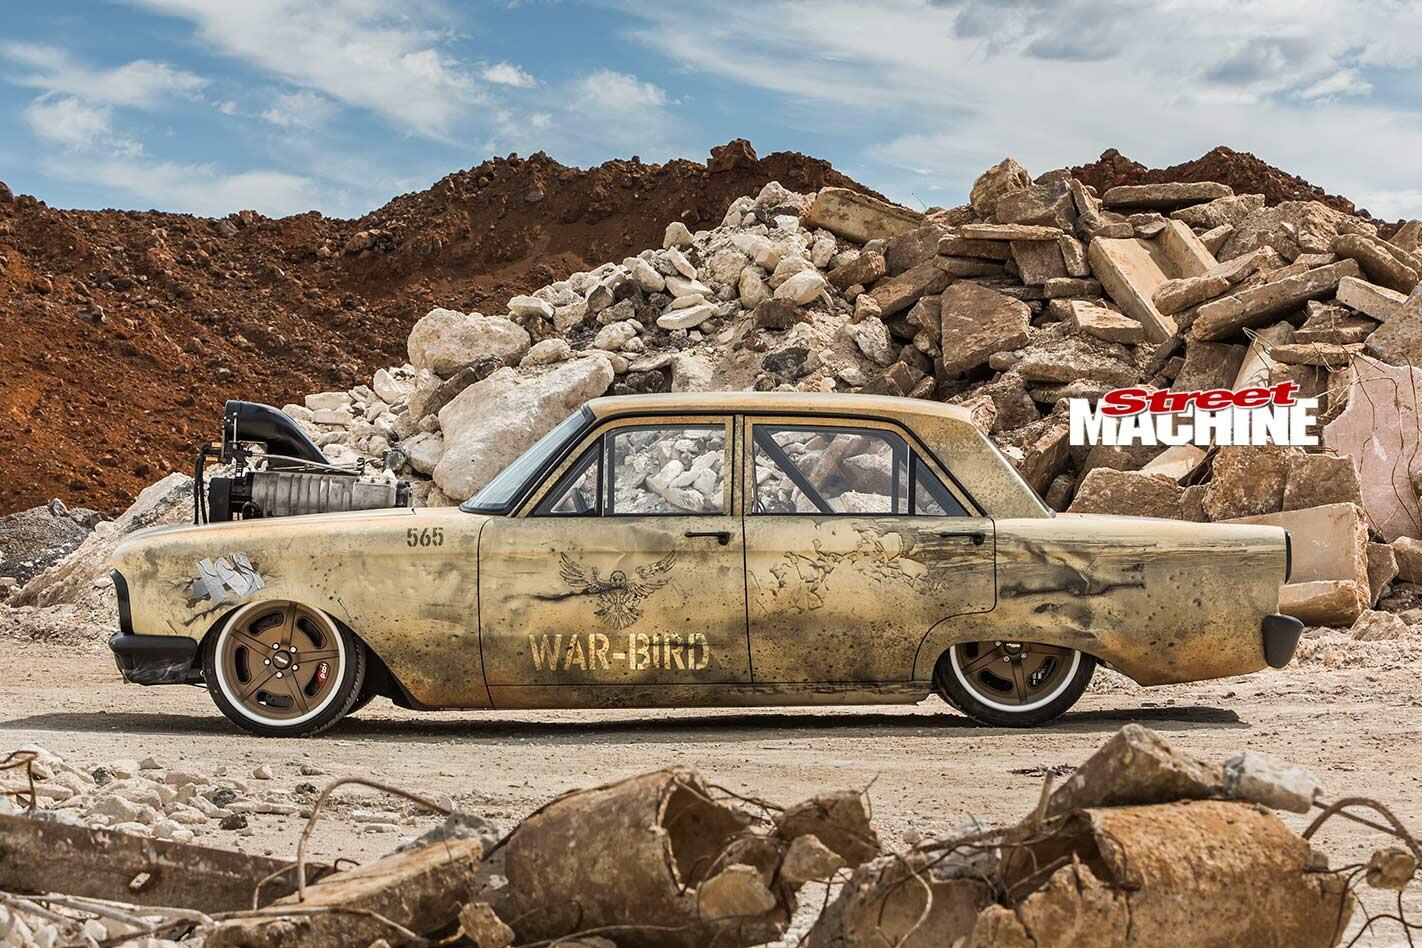 Ford Falcon XP war bird side